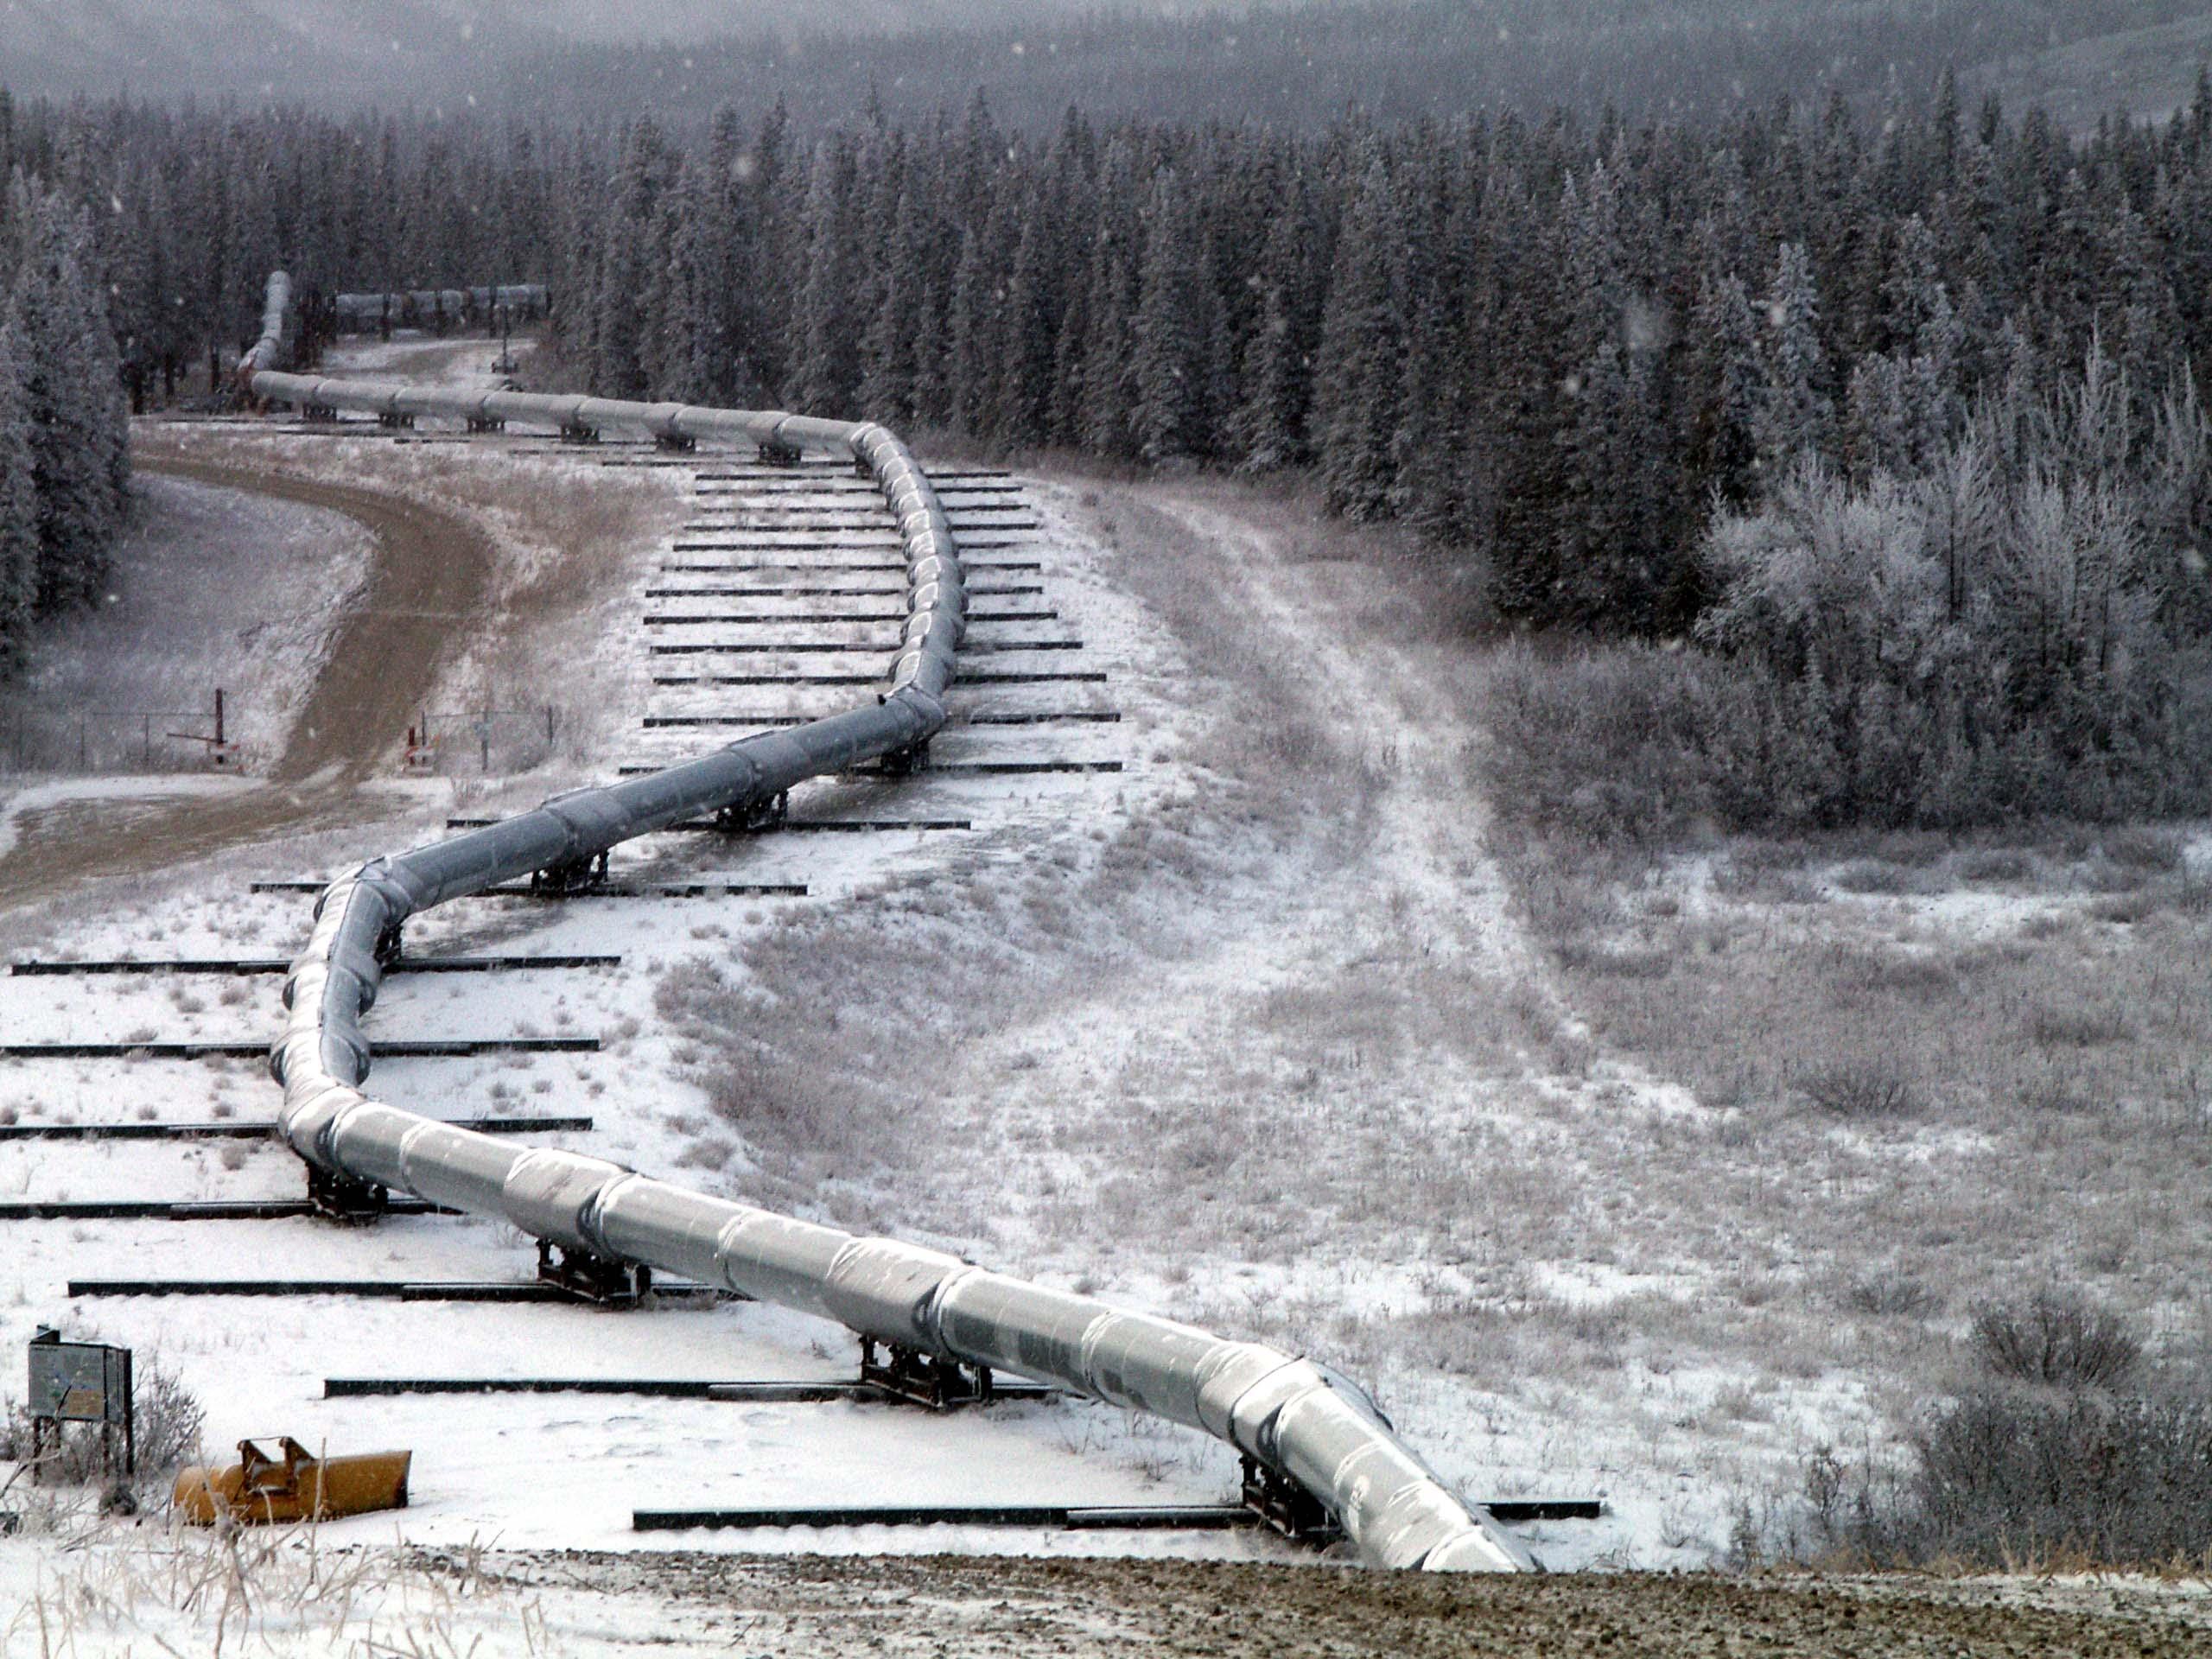 استفاده هات تپ در خطوط انتقال: هات تپ هات تپ در کجاها کاربرد دارد؟ Trans Alaska Pipeline Denali fault shift